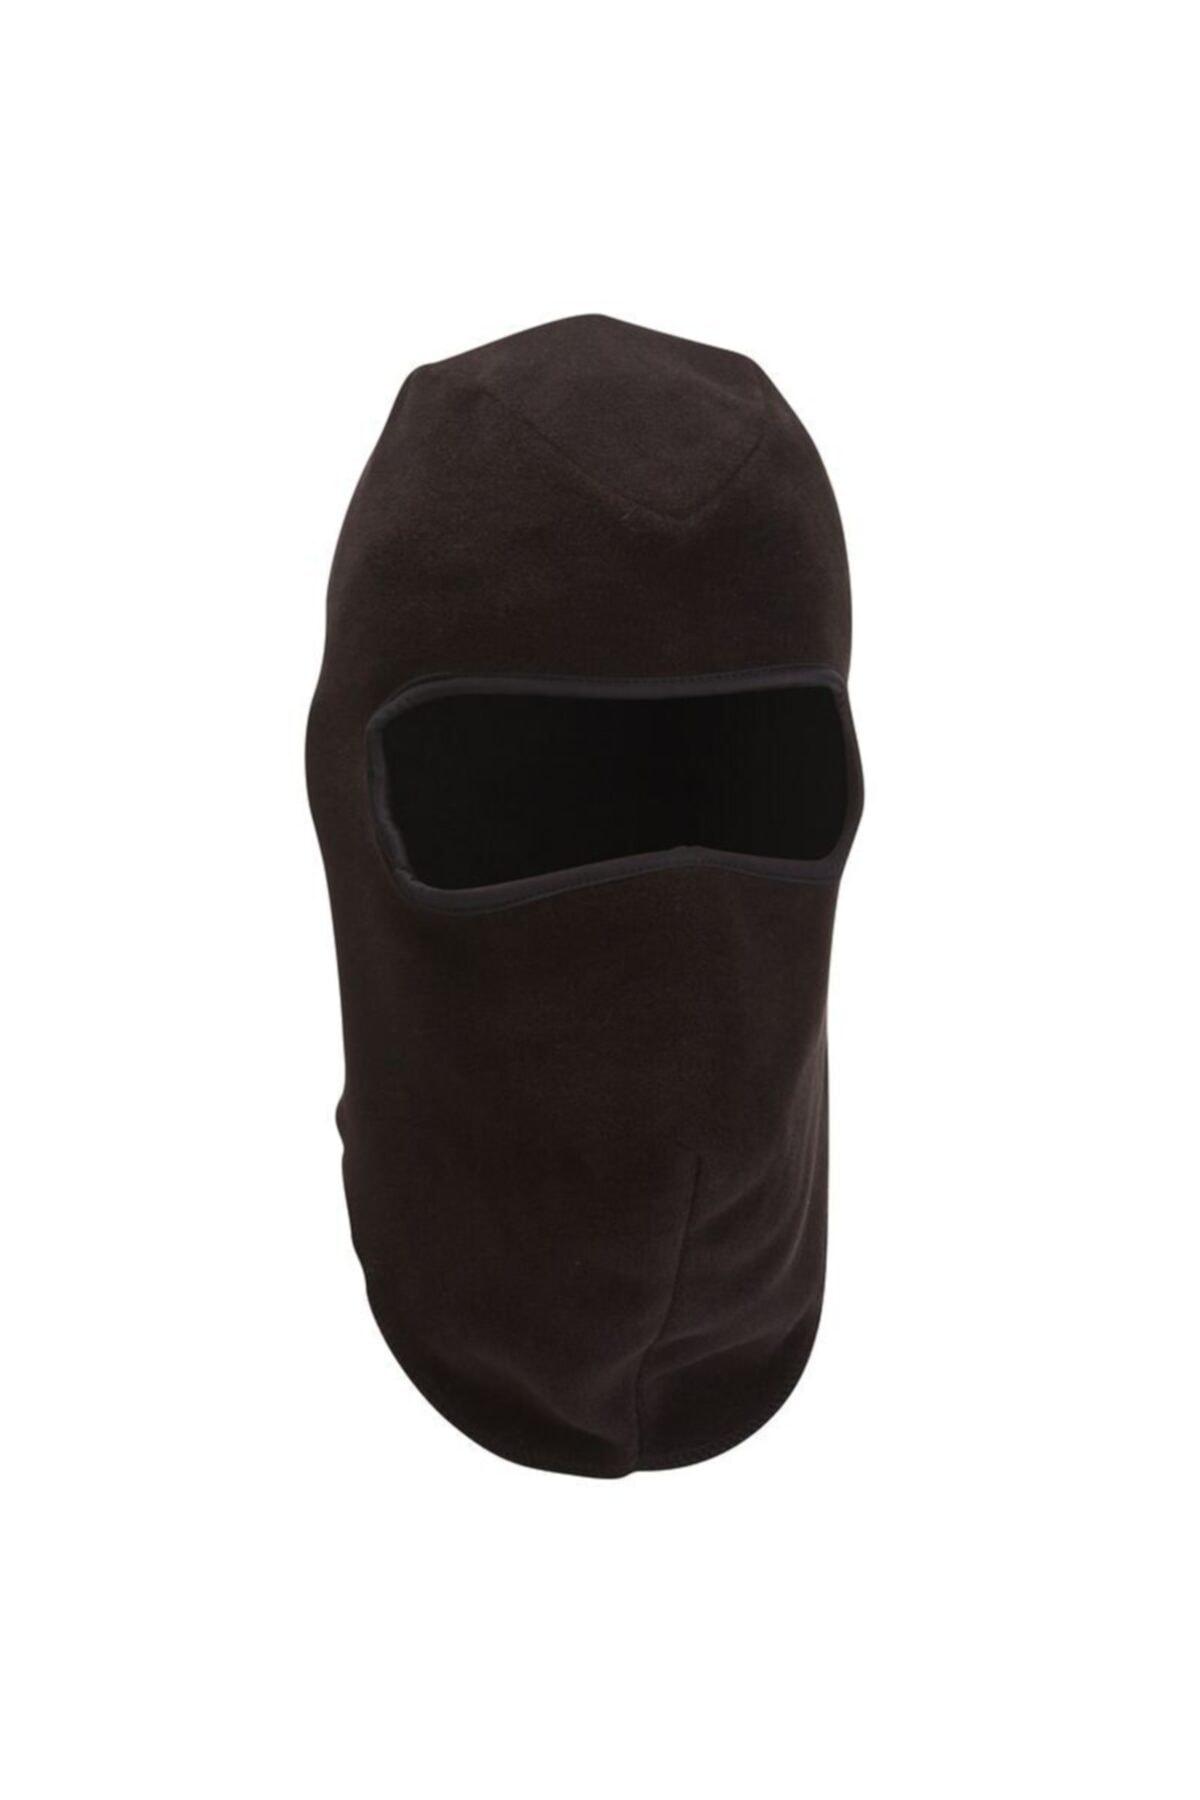 WEDZE Kayak Maskesi Siyah Baş Burun Ve Boyunda Koruma Sağlar 1